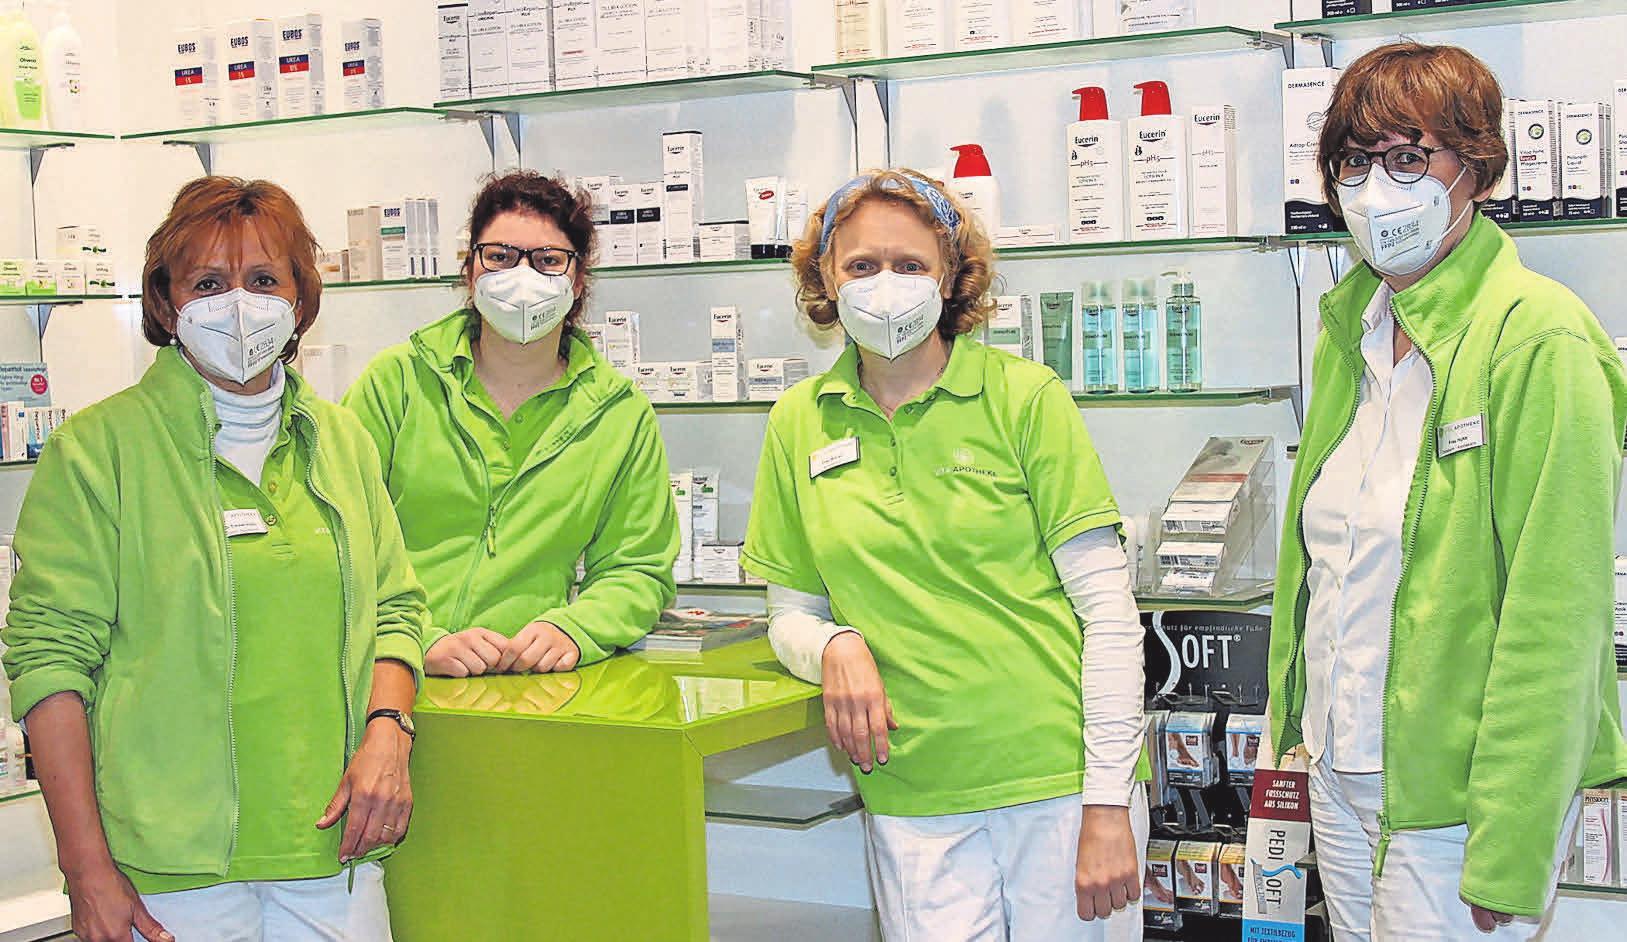 Auch in der Coronazeit konnten Elisabeth Timmermann und Heike Huhn sowie alle Mitarbeiter der Vita Apotheke ihre Patienten mit allem Nötigen versorgen. Carola Piepe